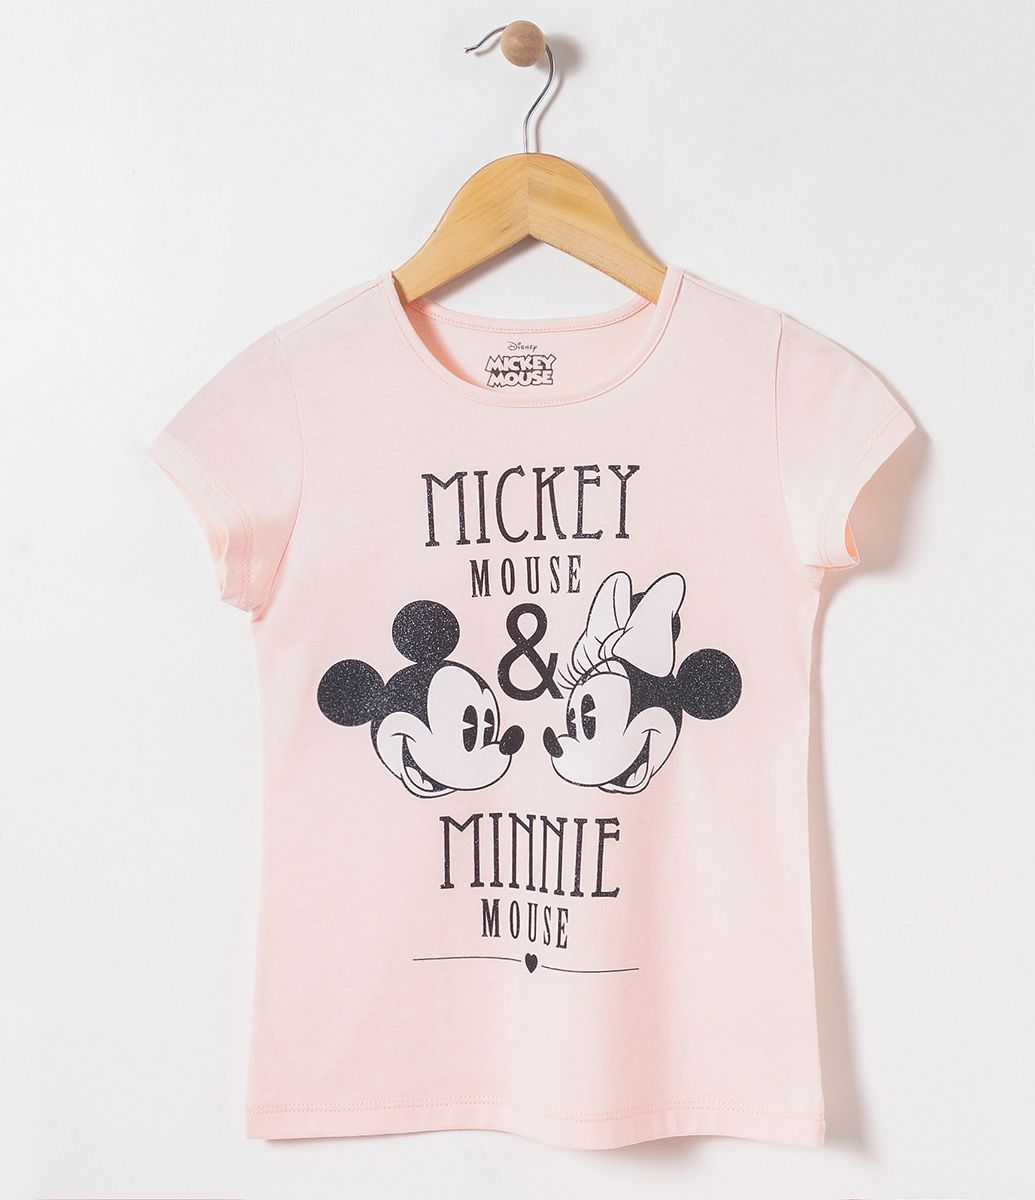 1ac5fbb32 Camiseta infantil Manga curta Gola redonda Com estampa Mickey e Minnie  Marca  Mickey Mouse Tecido  meia malha COLEÇÃO INVERNO 2017 Veja mais  opções de ...